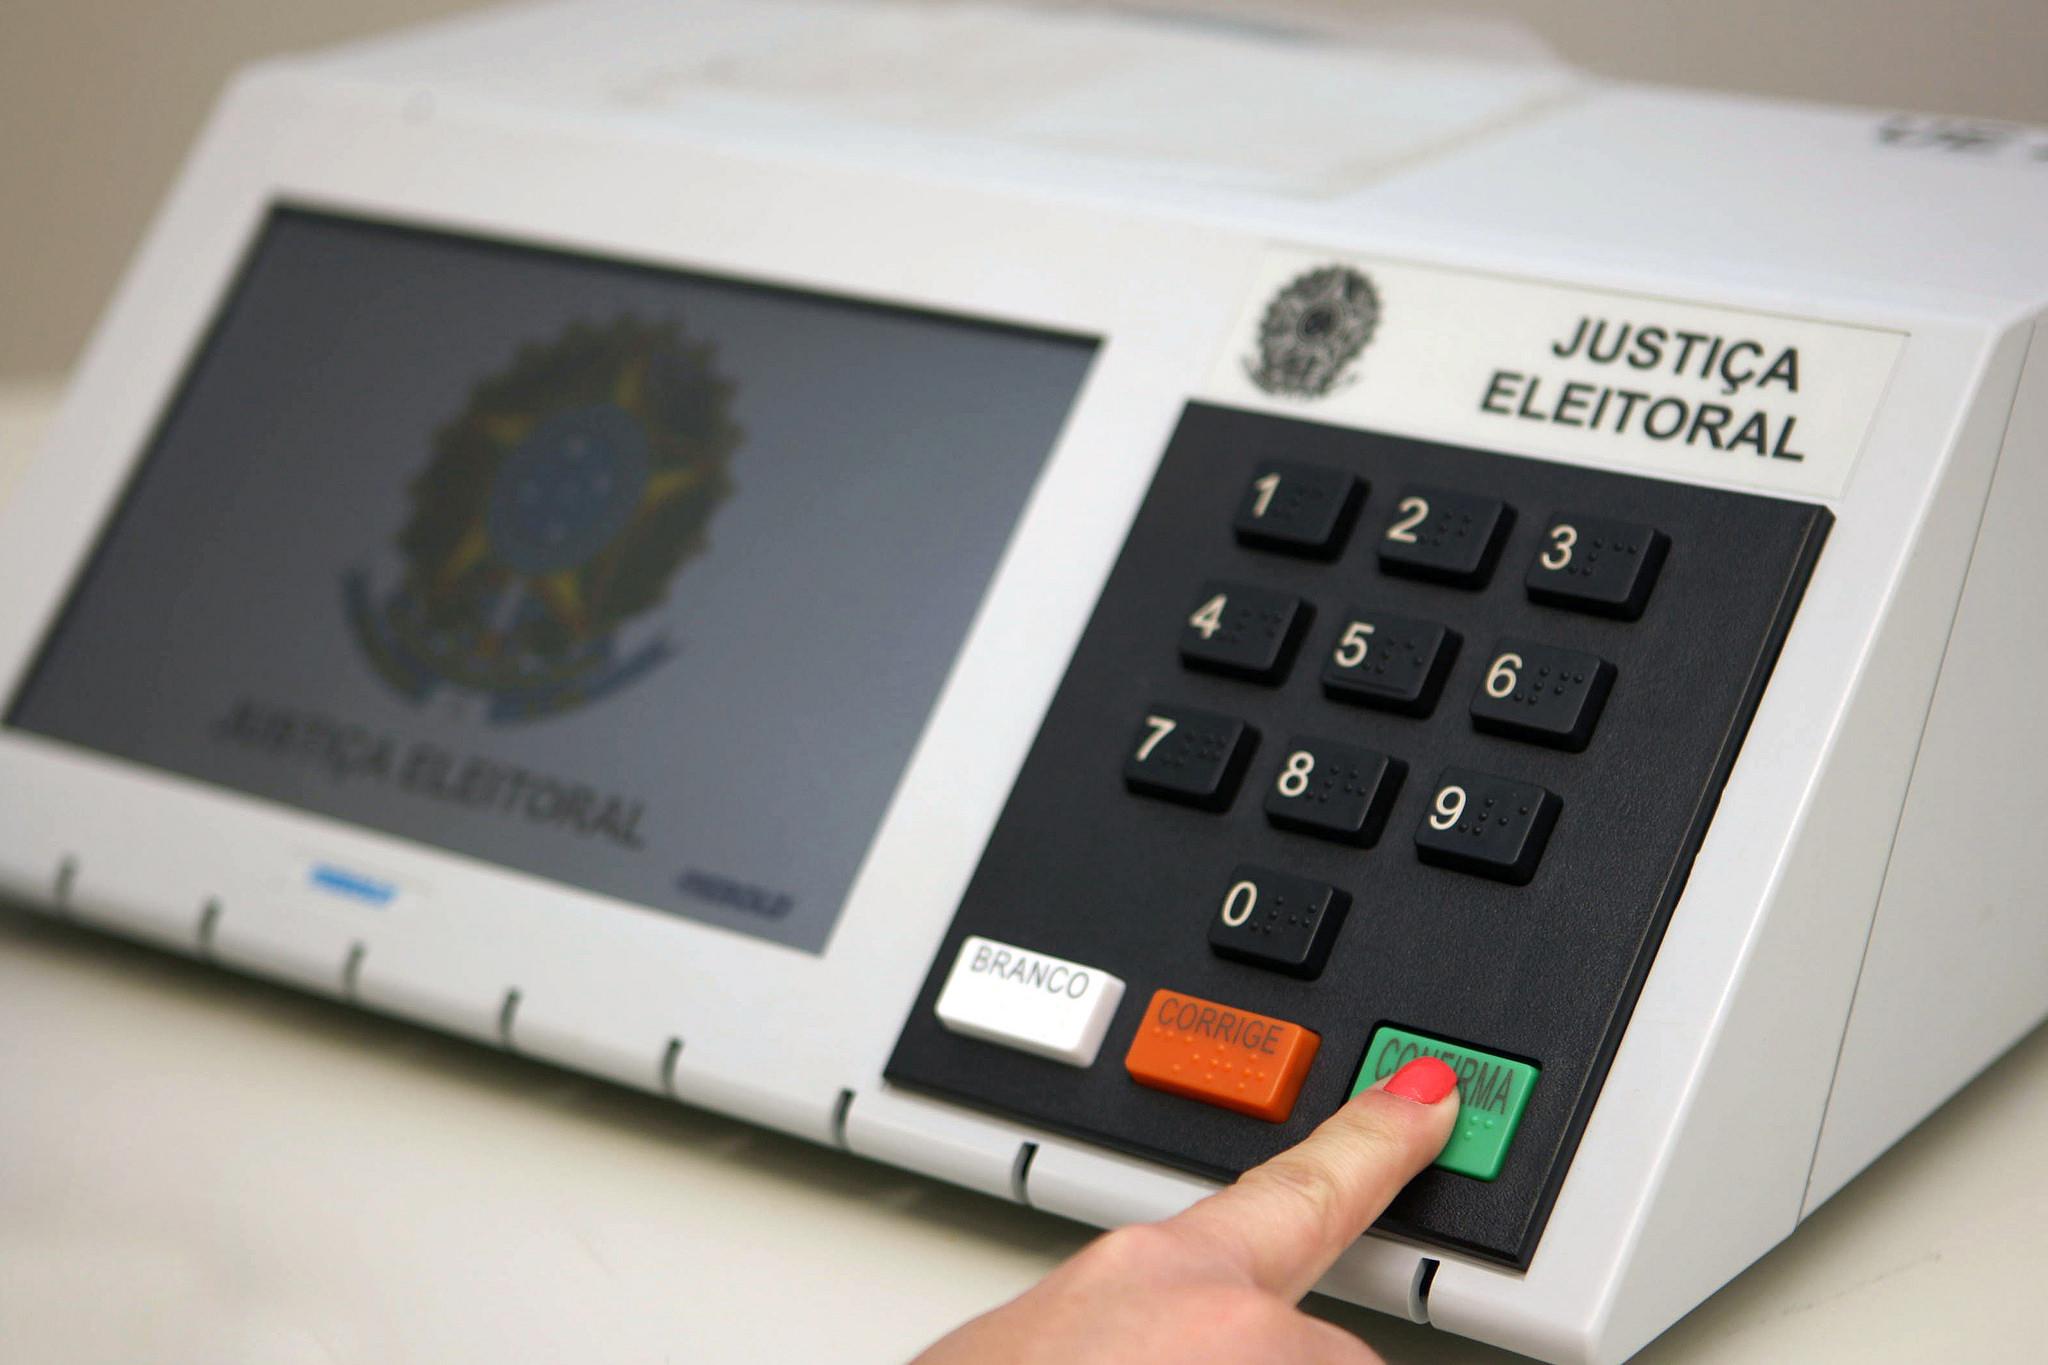 Eleições: Mais de 38 milhões de eleitores estão aptos para votar hoje  - Imagem 1